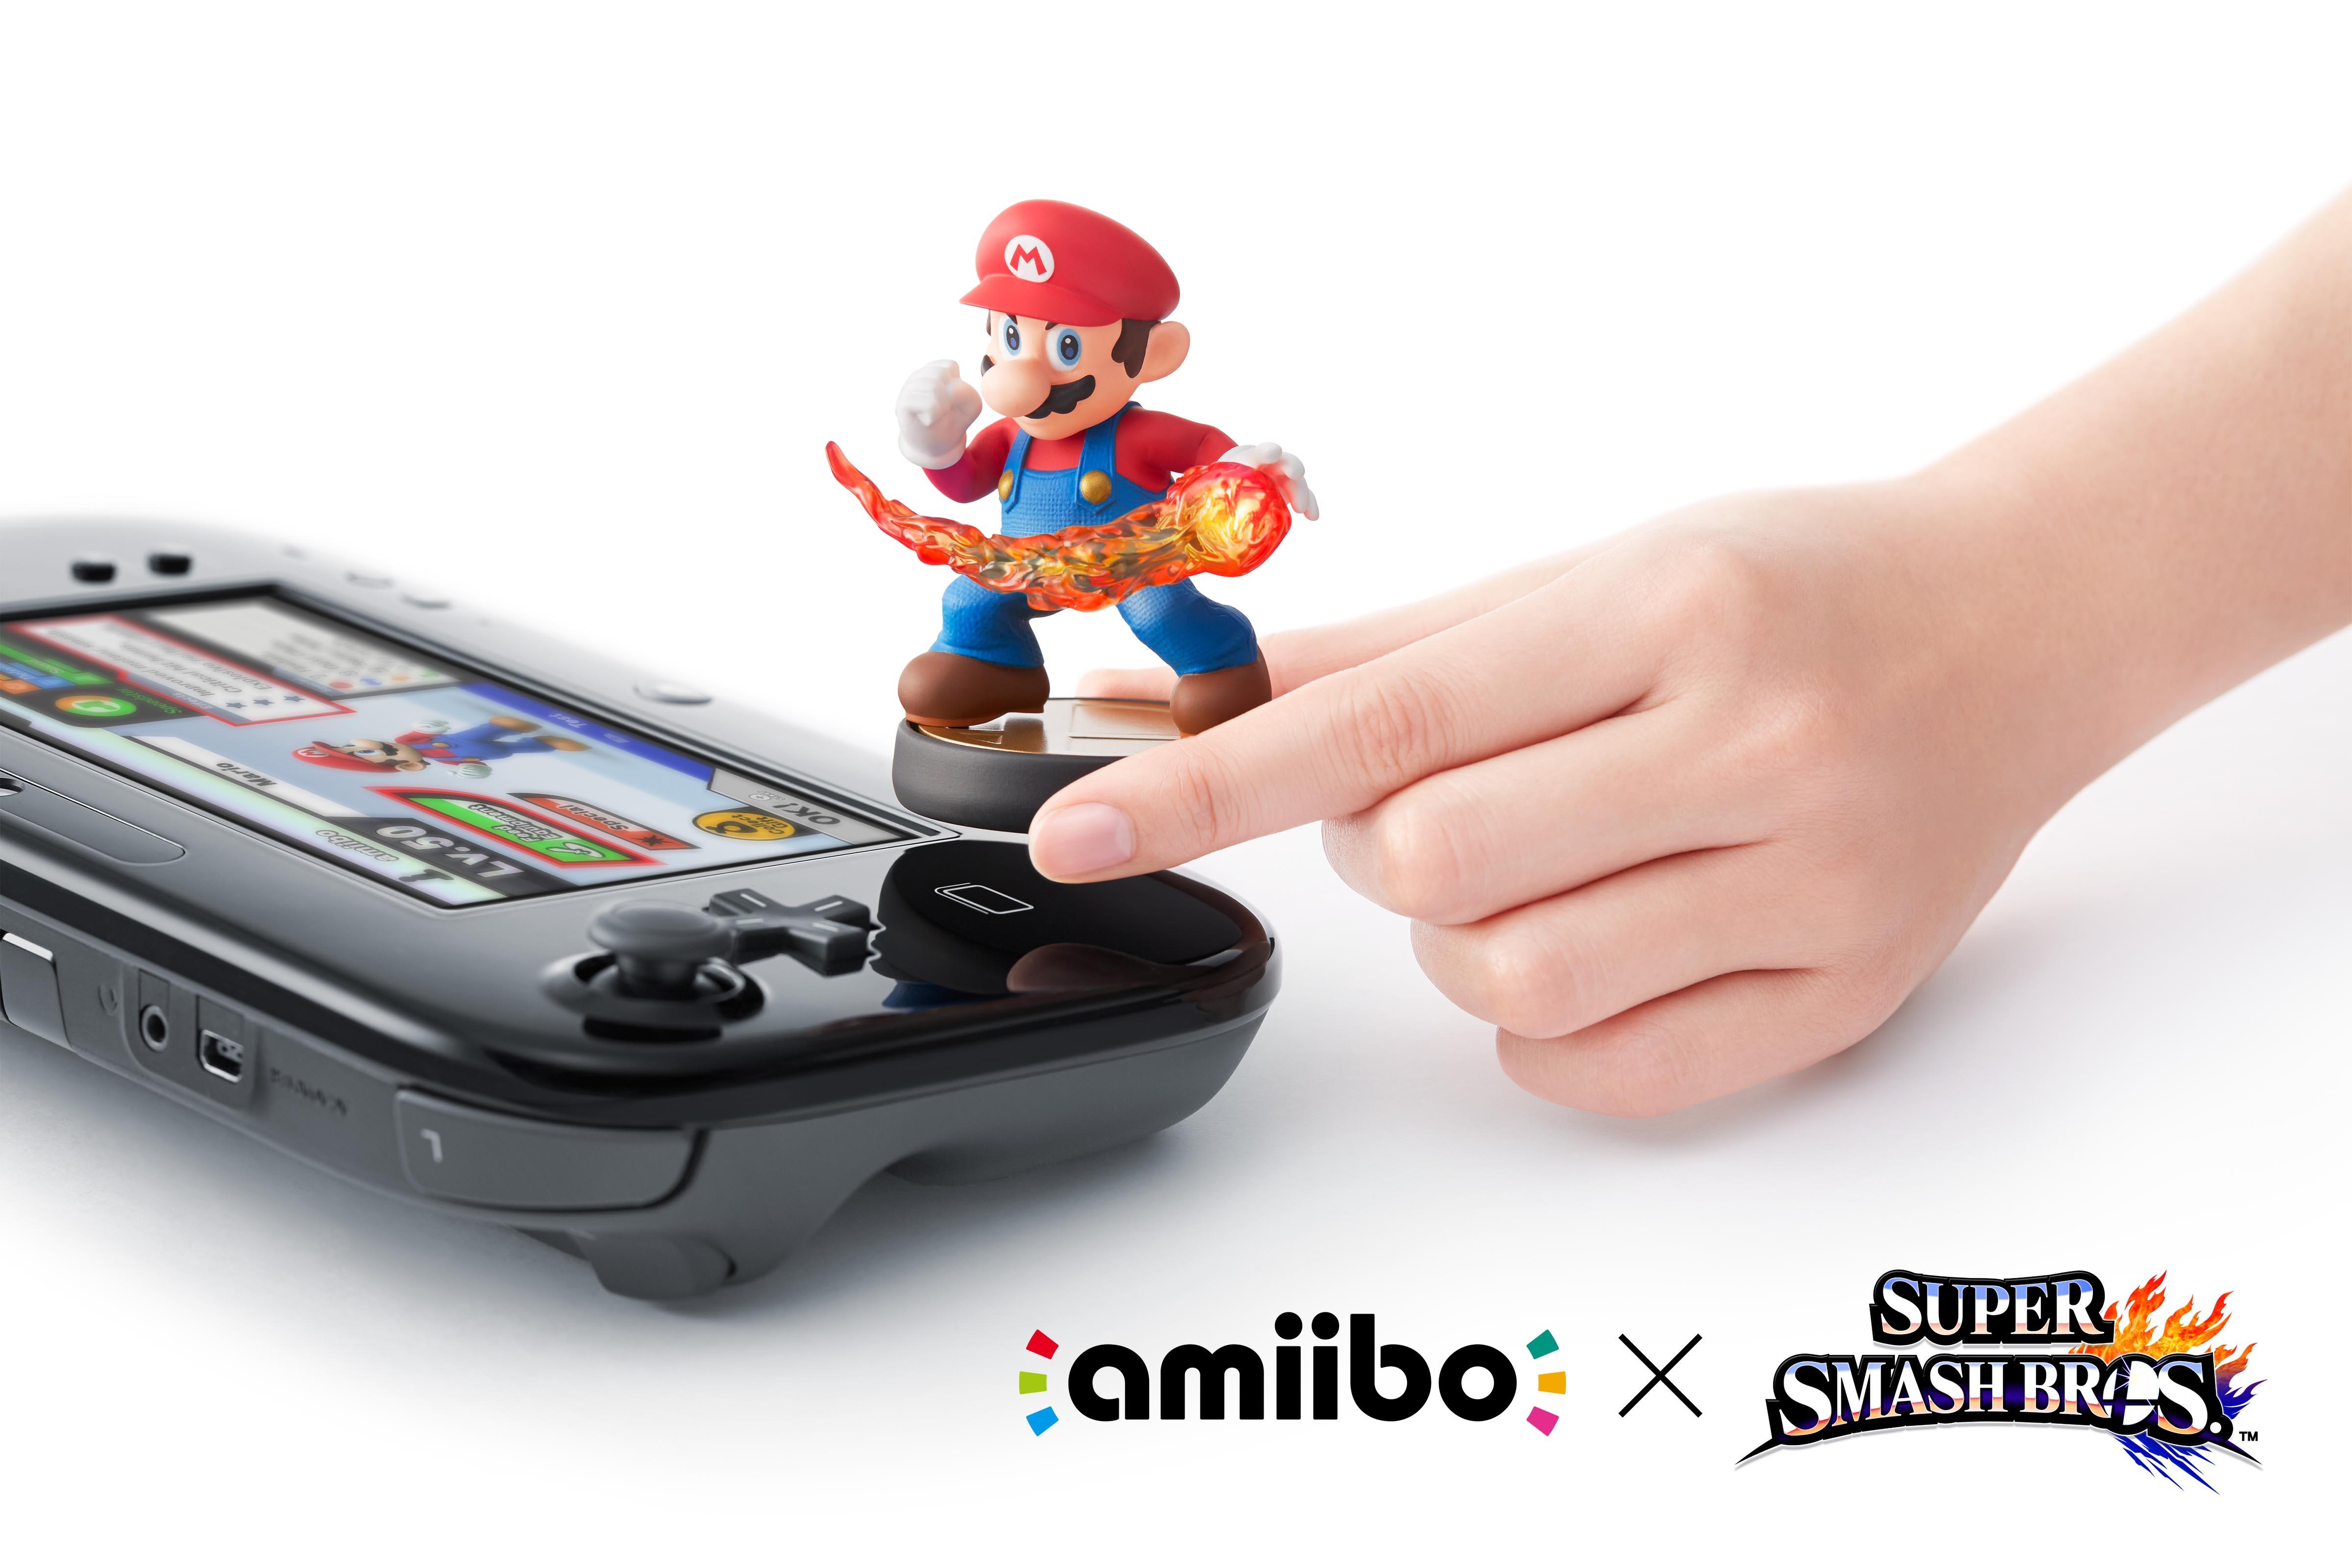 amiibo00000013.jpg